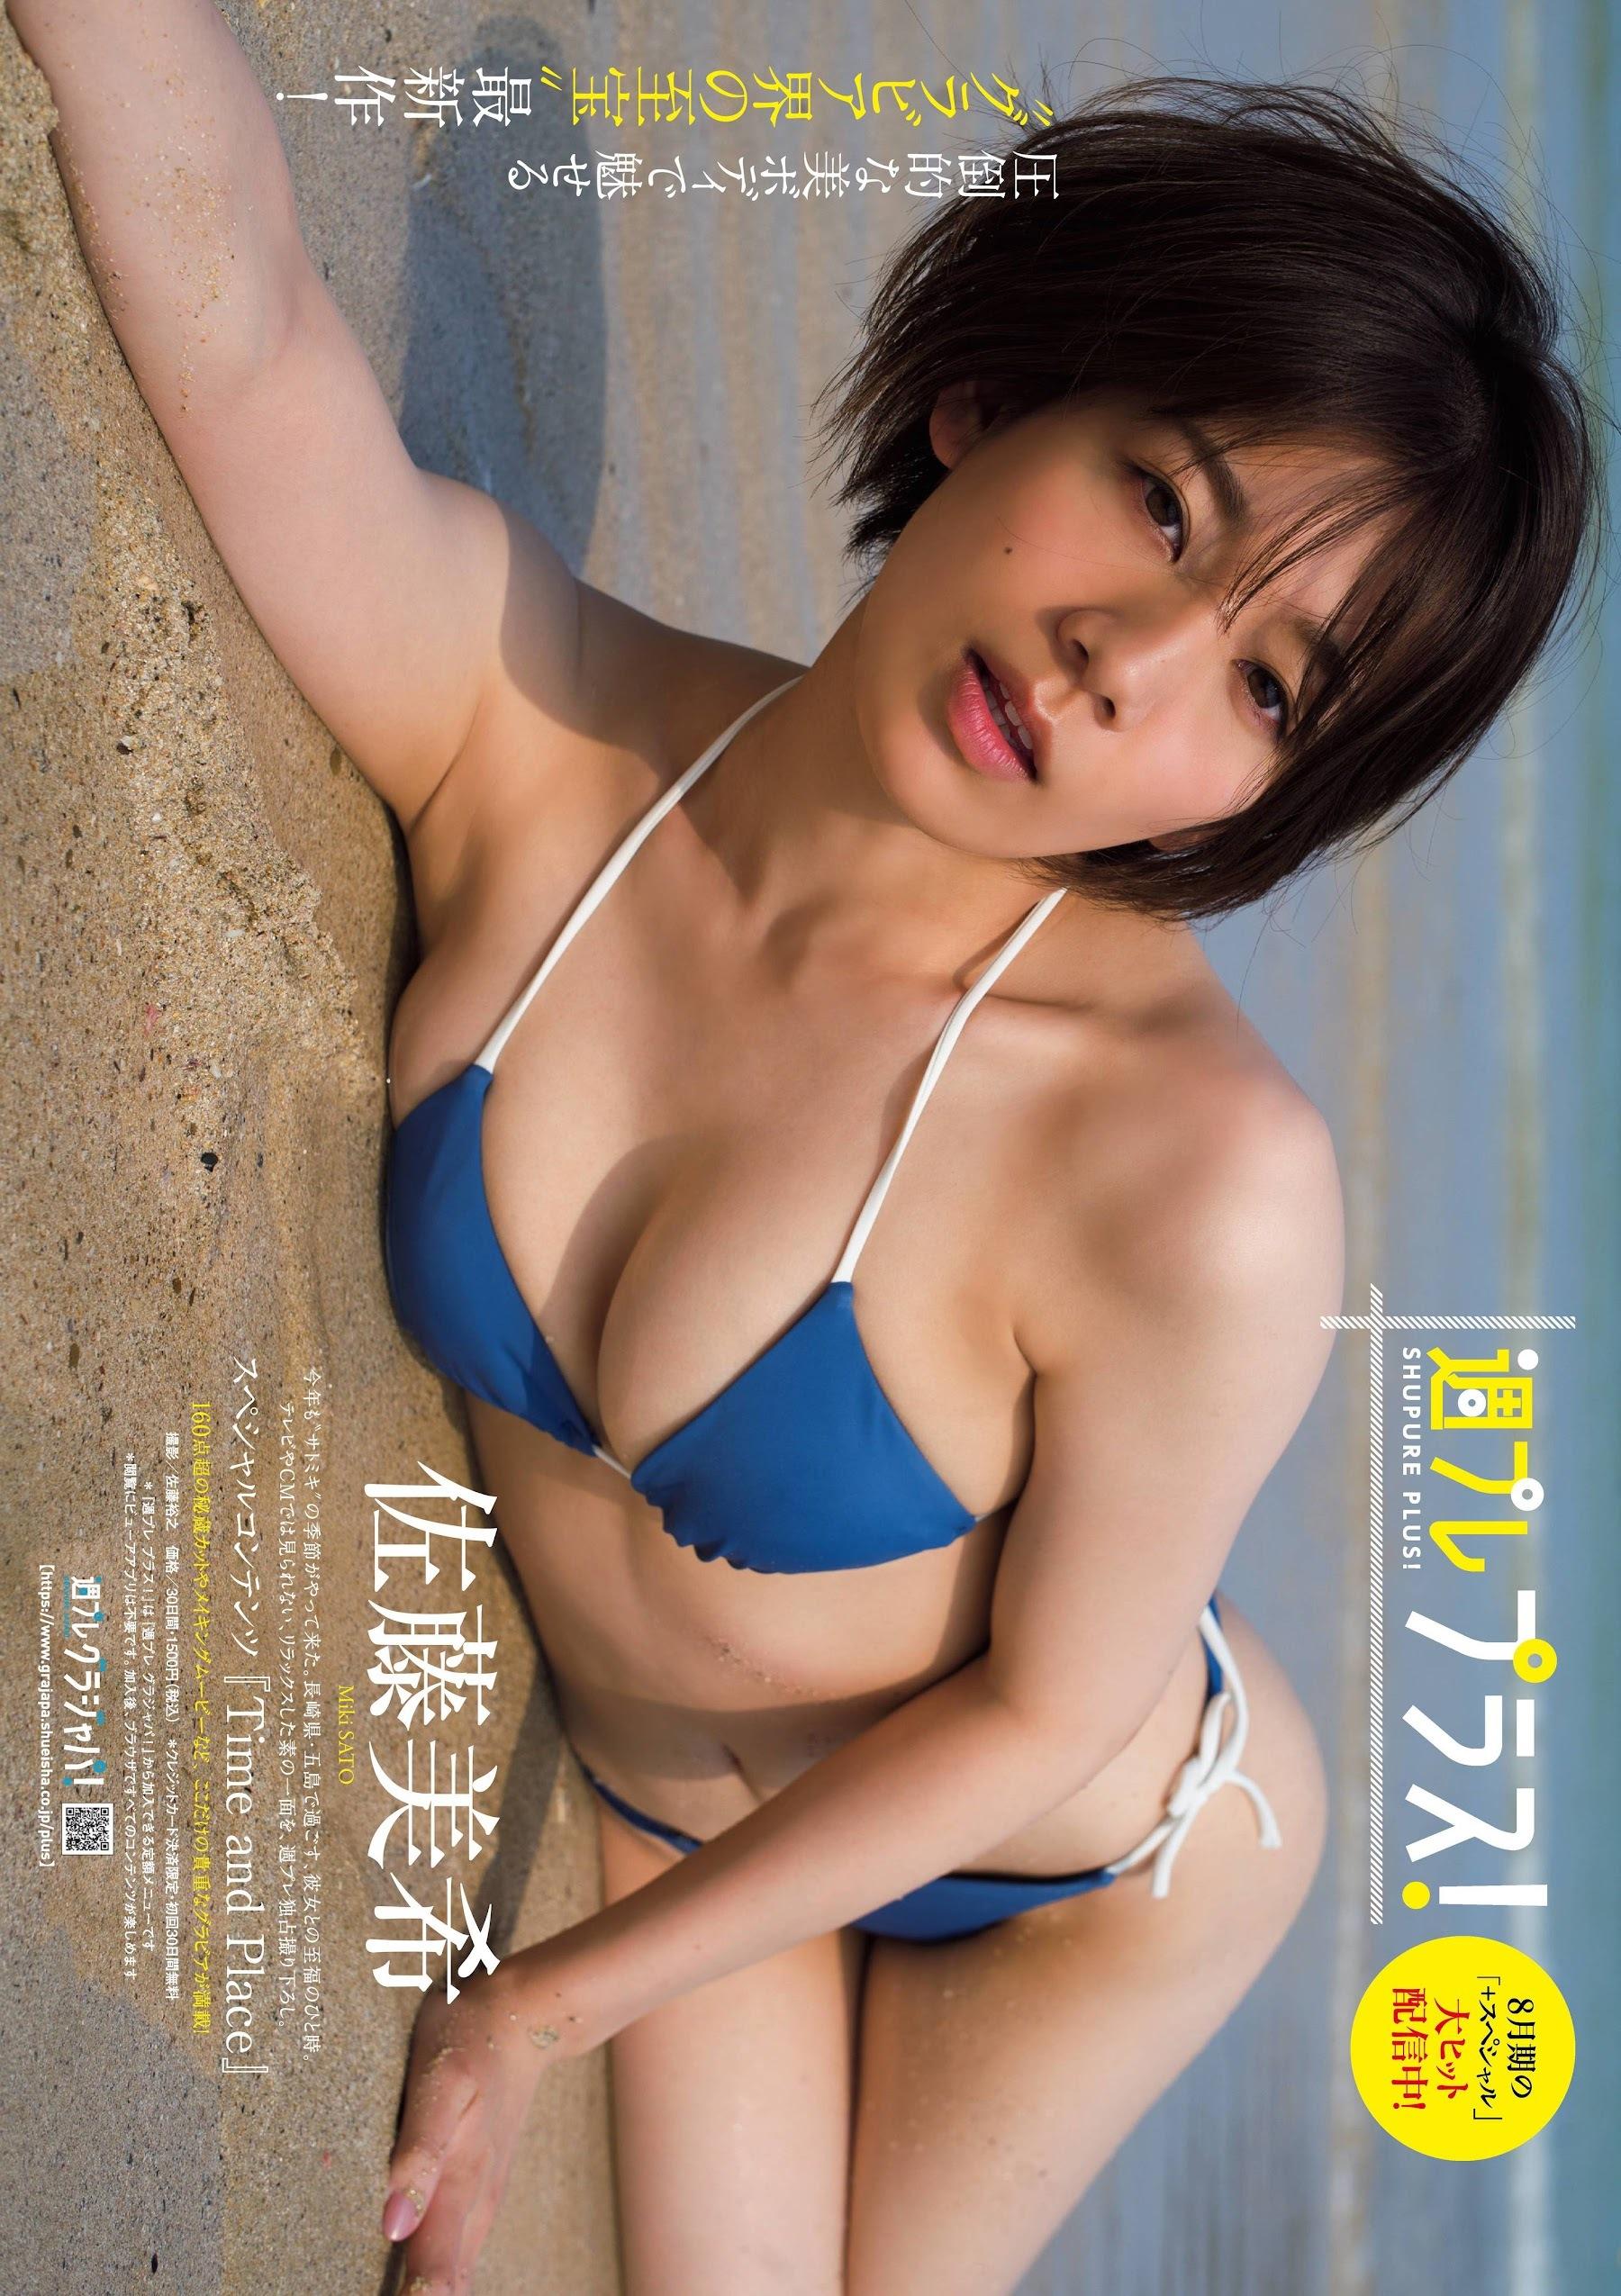 豊田ルナ 頓知気さきな あかせあかり 伊织萌-Weekly Playboy 2021年第三十五期 高清套图 第75张